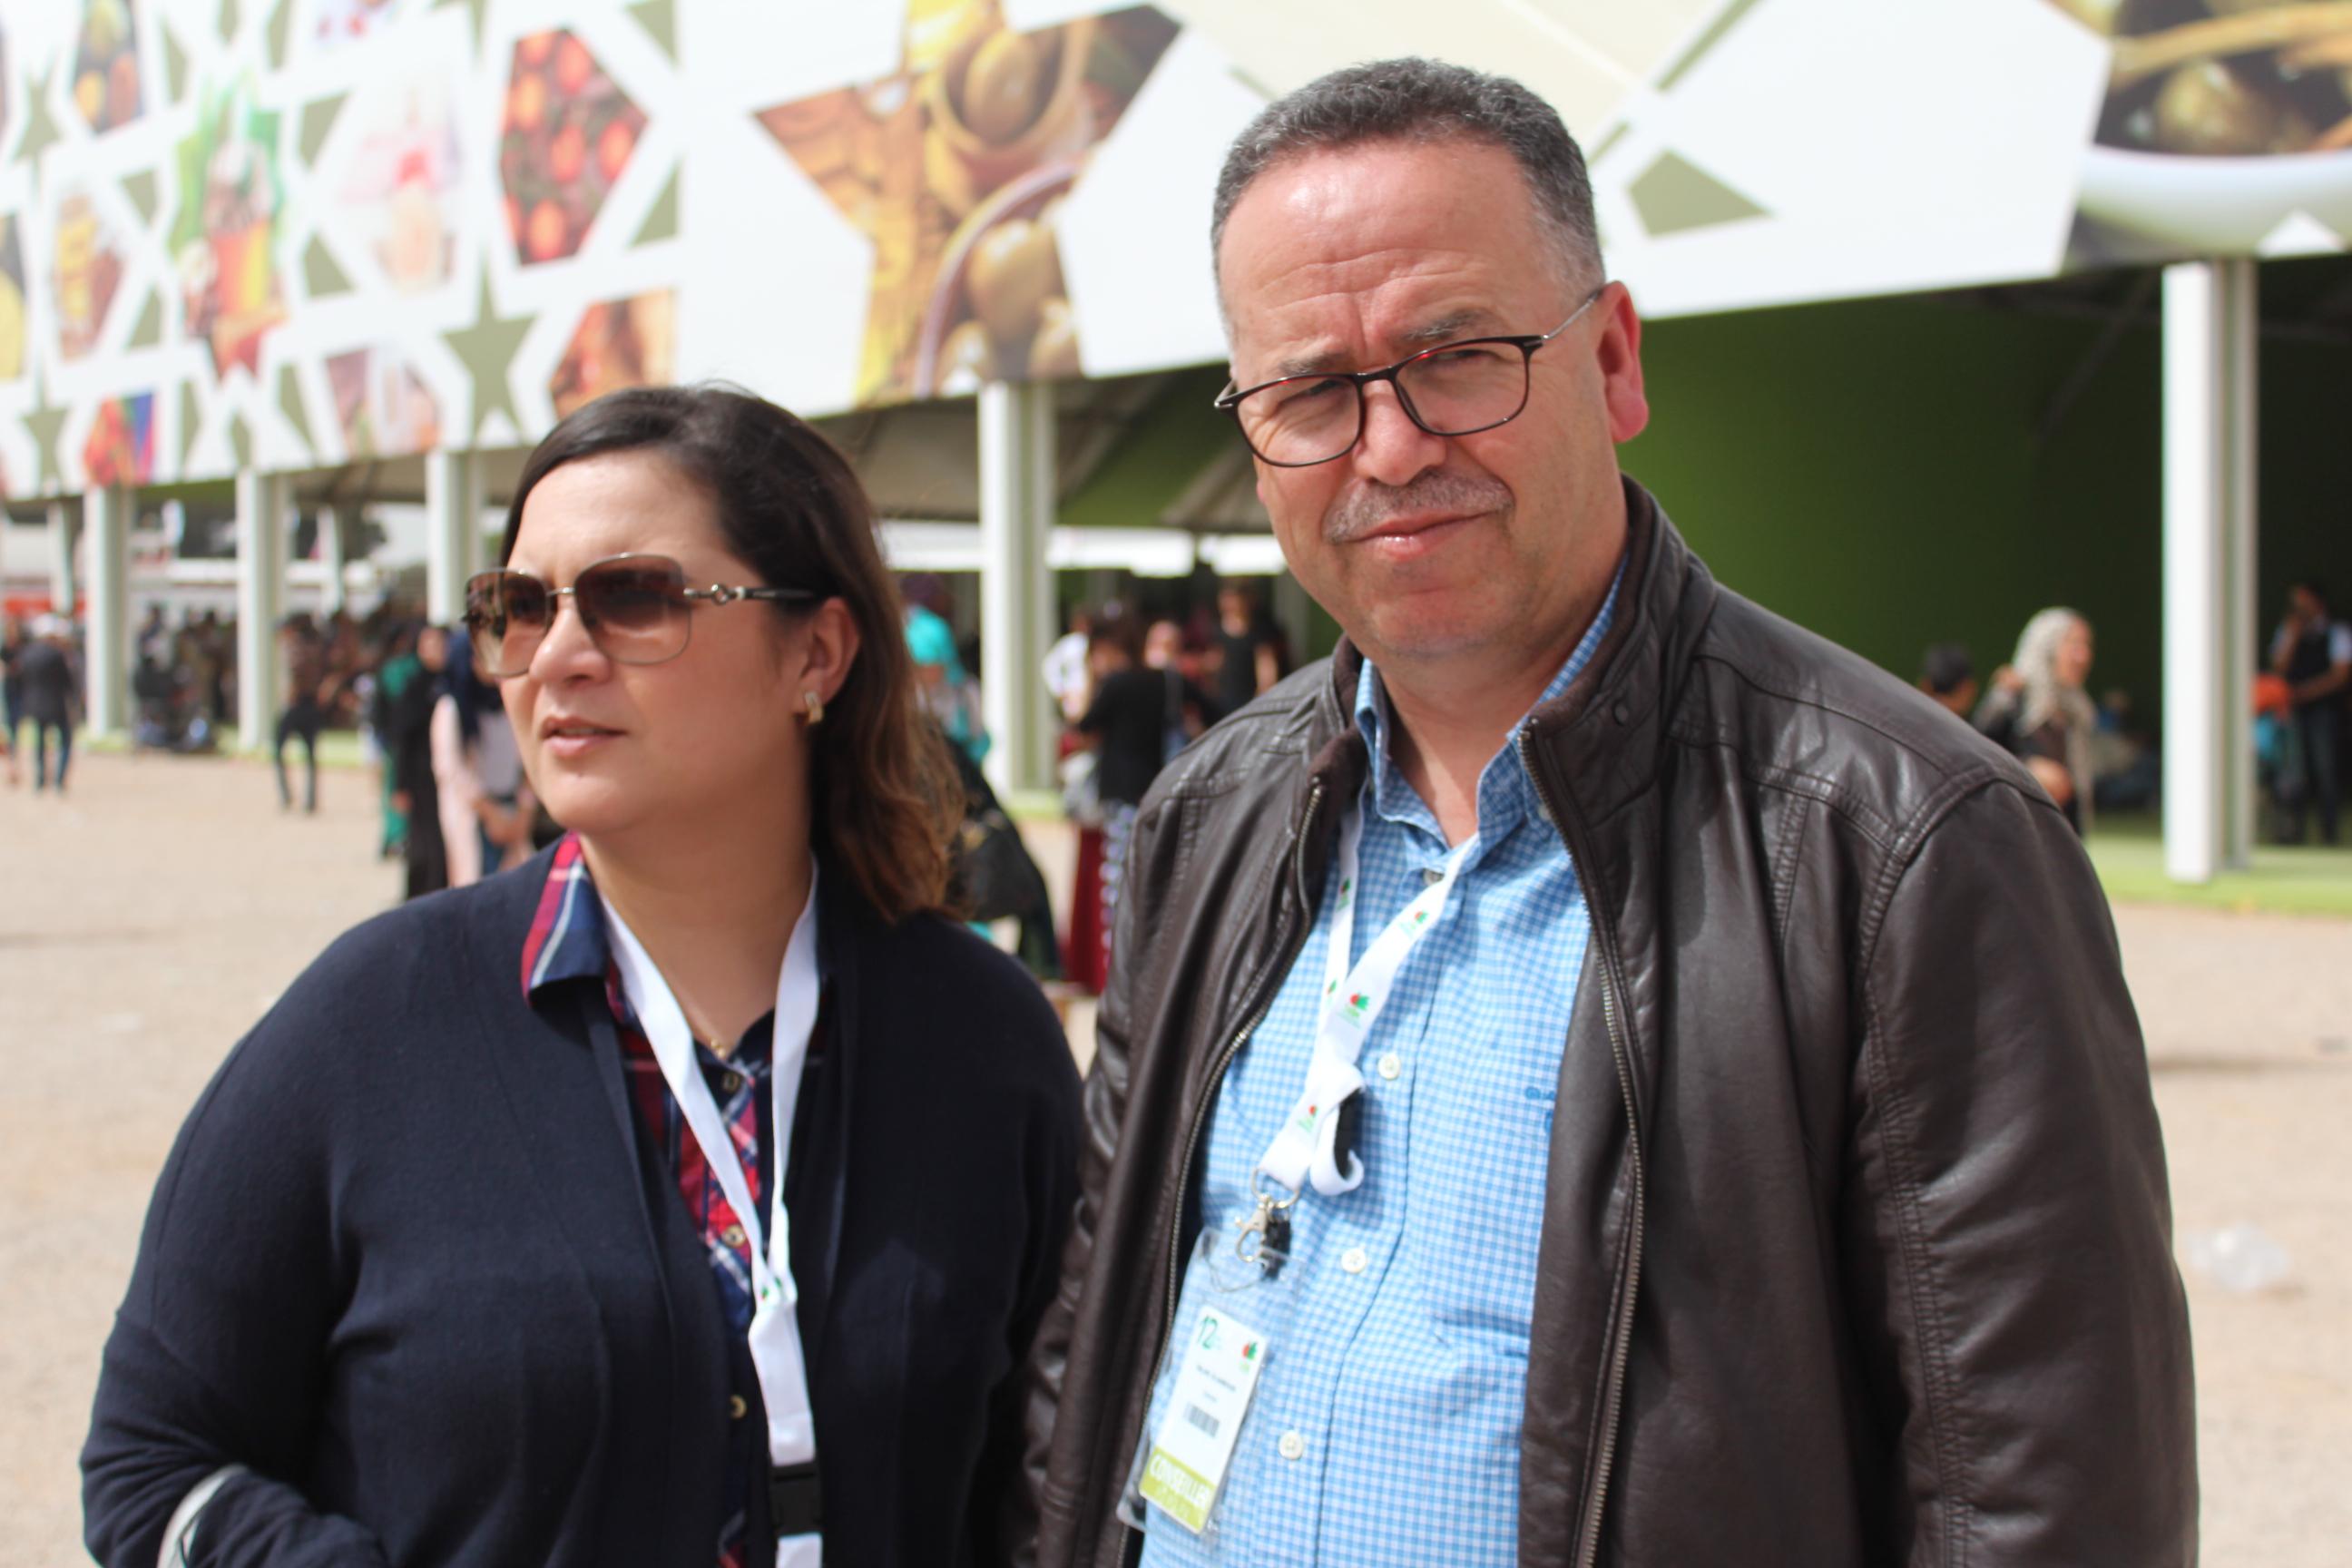 بالصور والفيديوا:مشاركة وازنة لوفد الجهة الشرقية بالدورة 12 للمعرض الدولي للفلاحة بمكناس